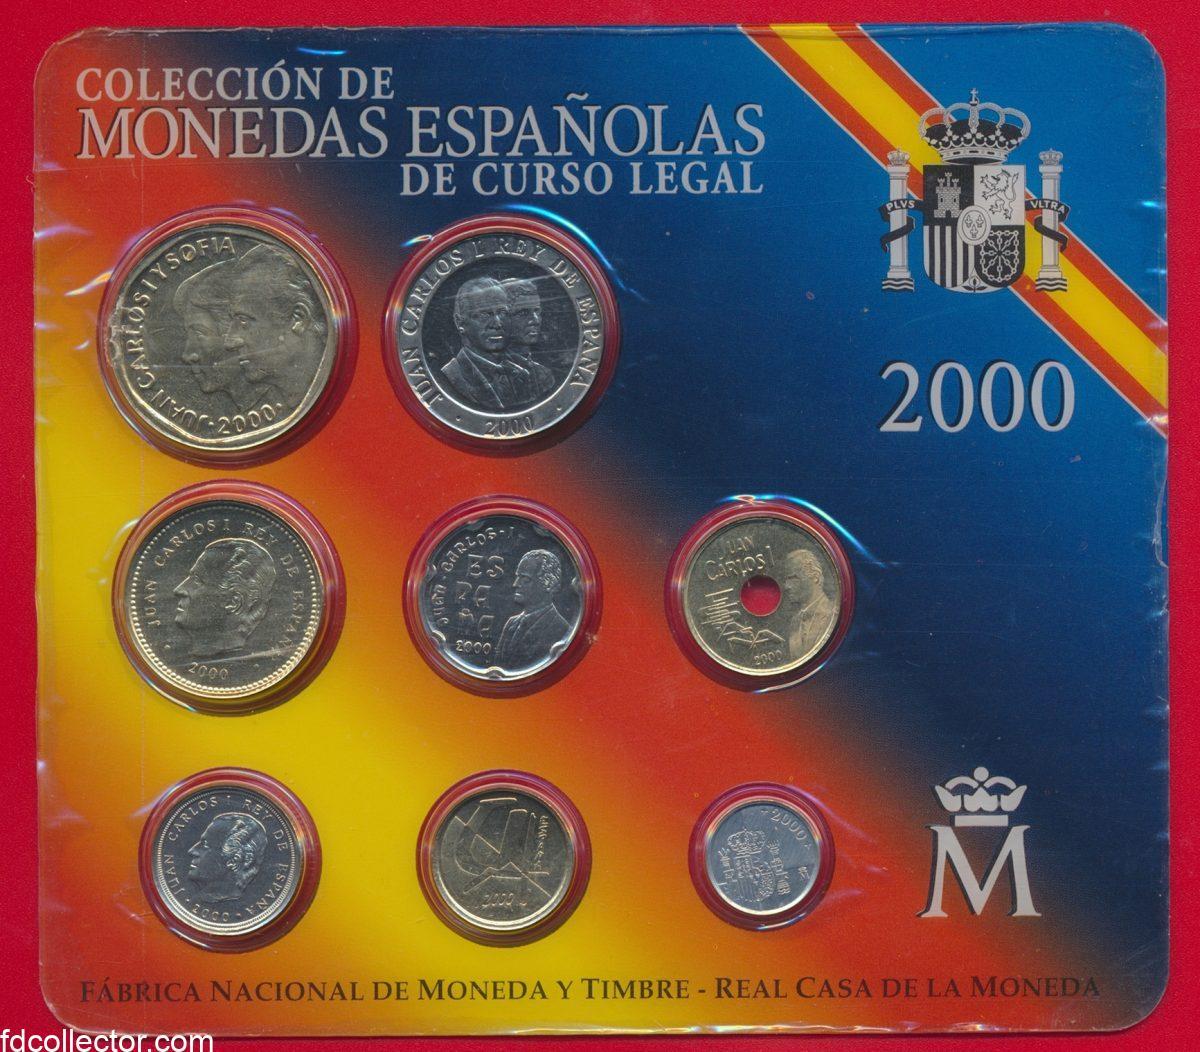 coffret-set-espagne-spain-monedas-espanolas-coleccion-2000-vs